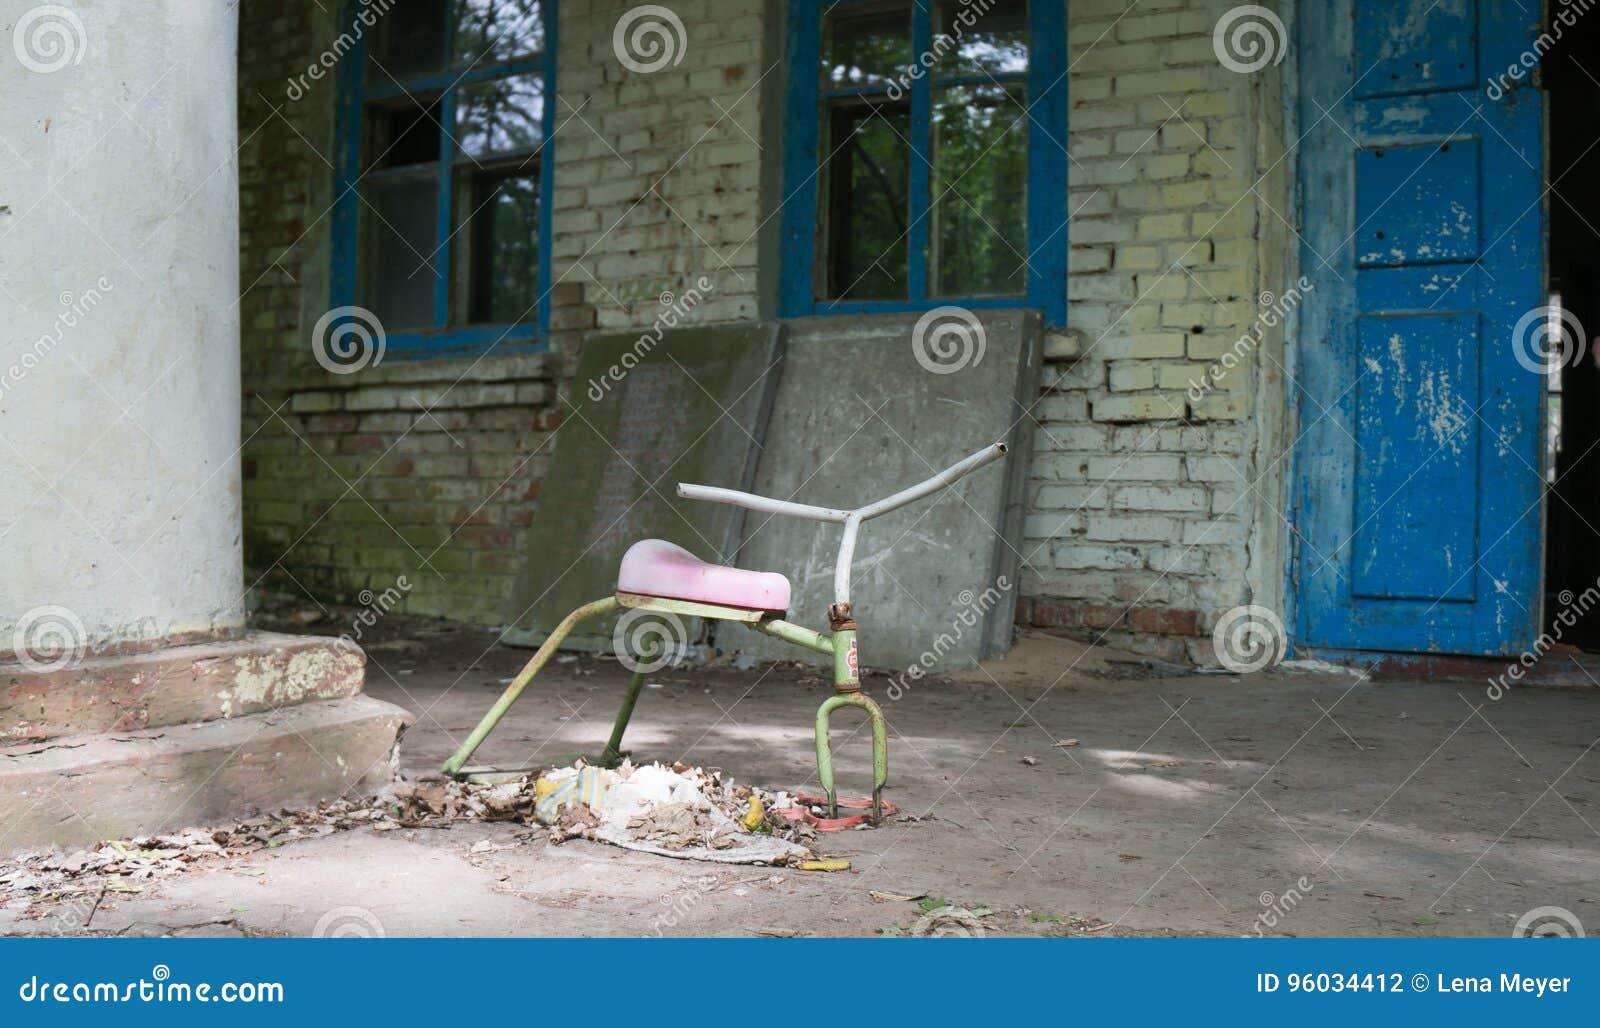 Zabawka przed zaniechanym dziecinem w Chernobyl